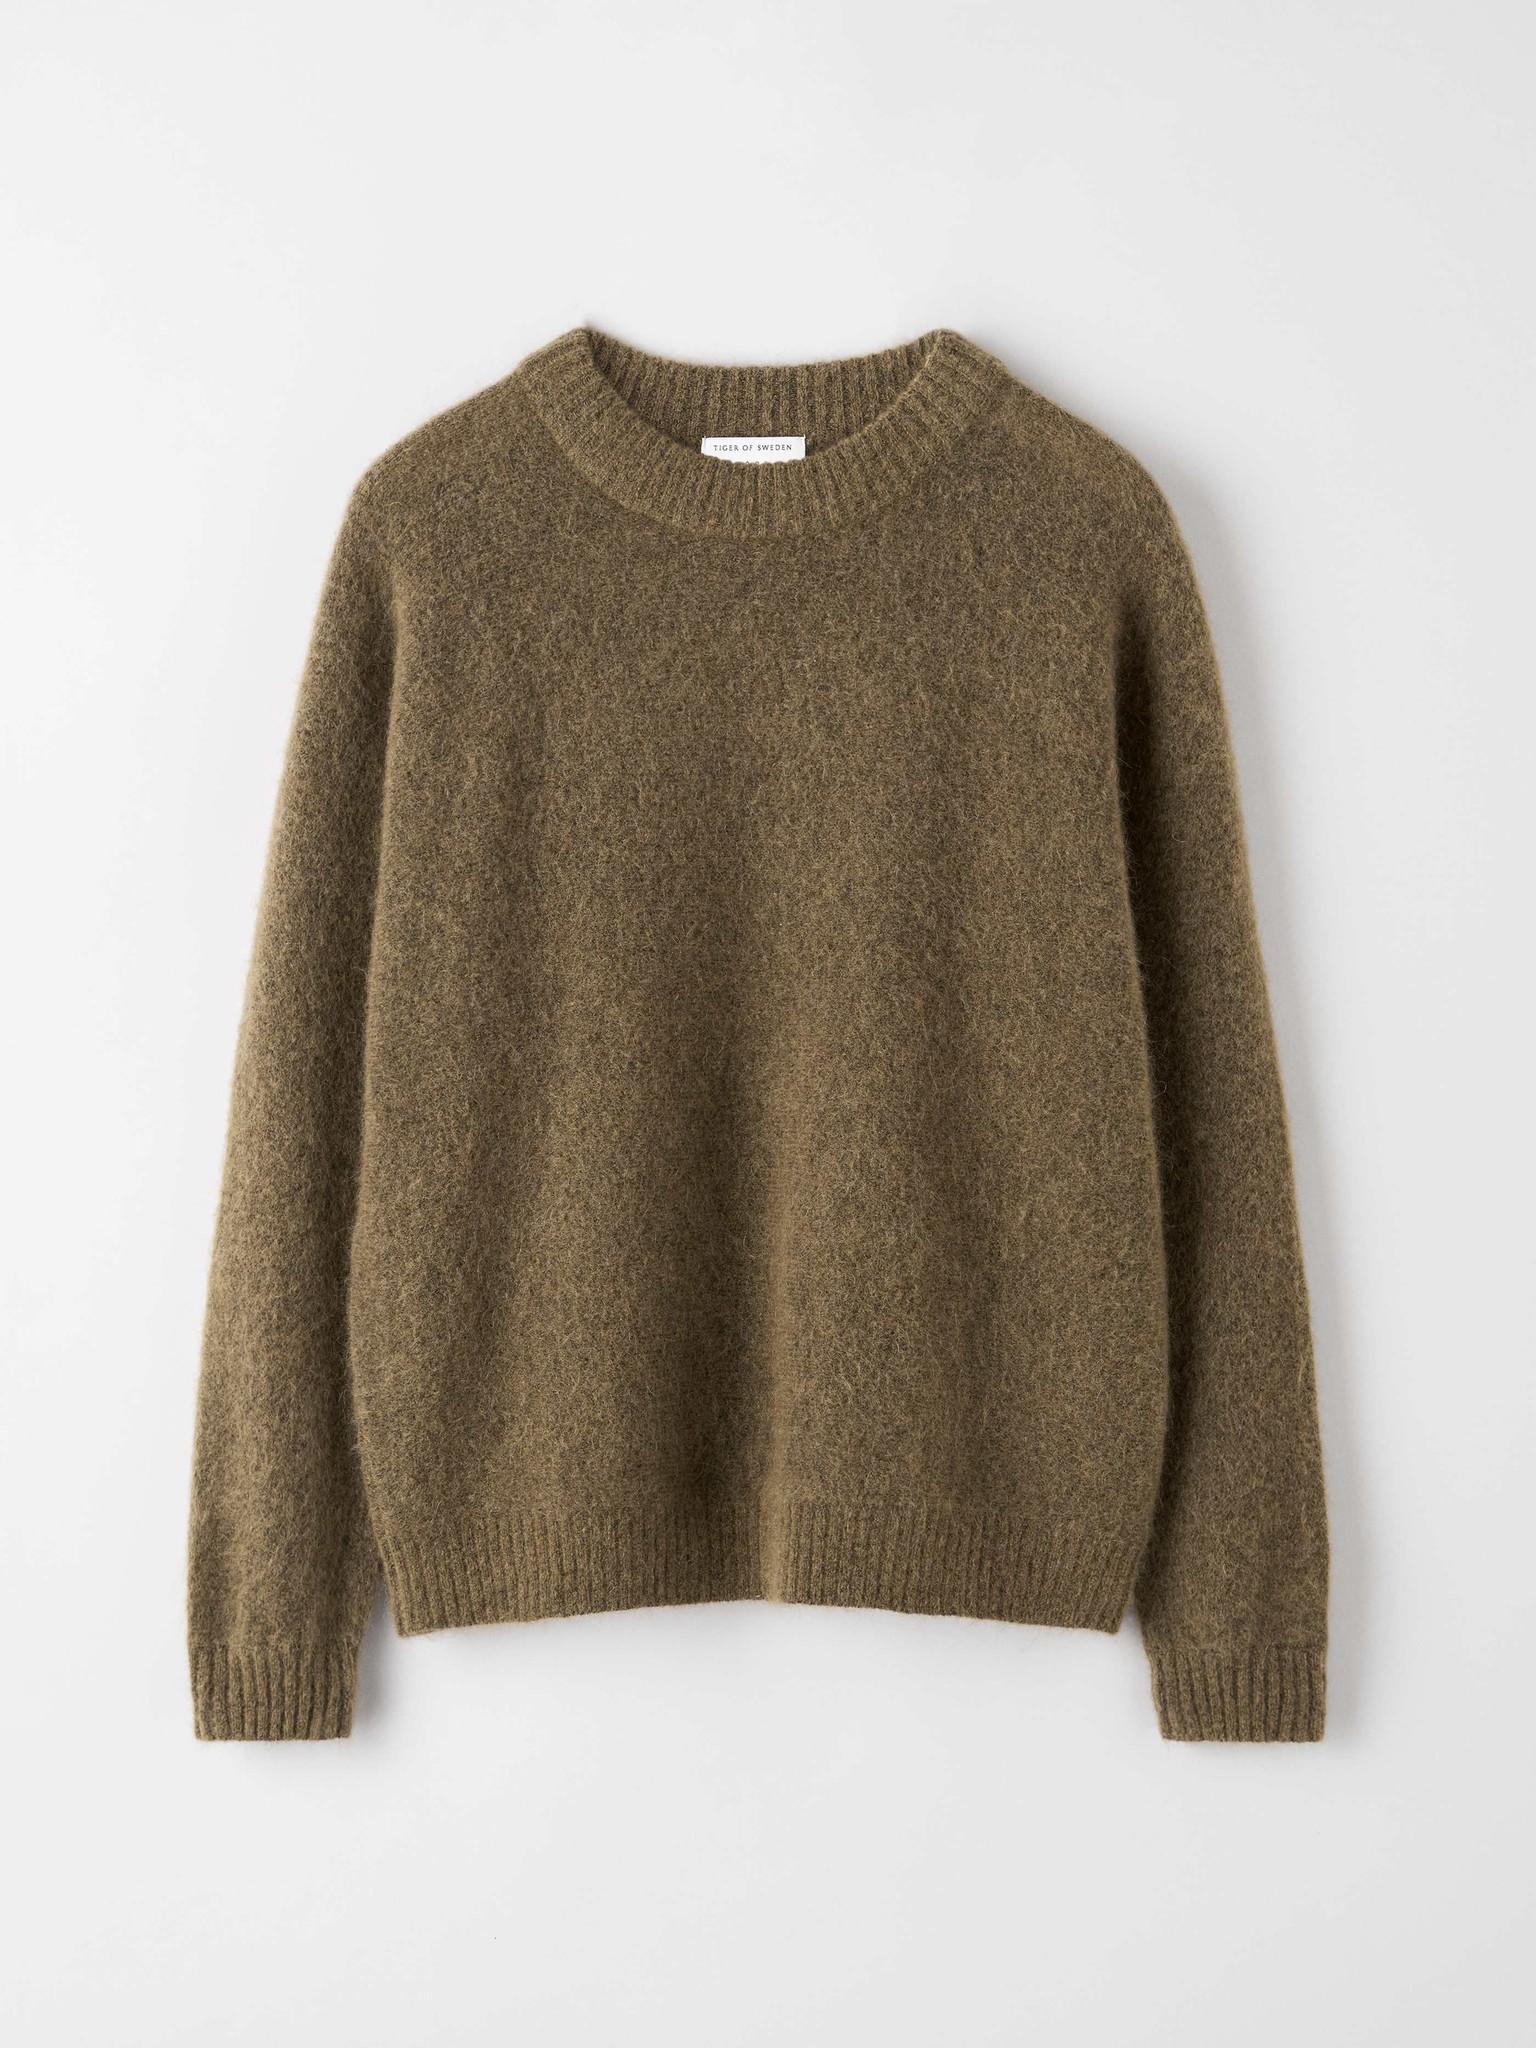 Gwynn Nut Brown Wool Knitwear-3